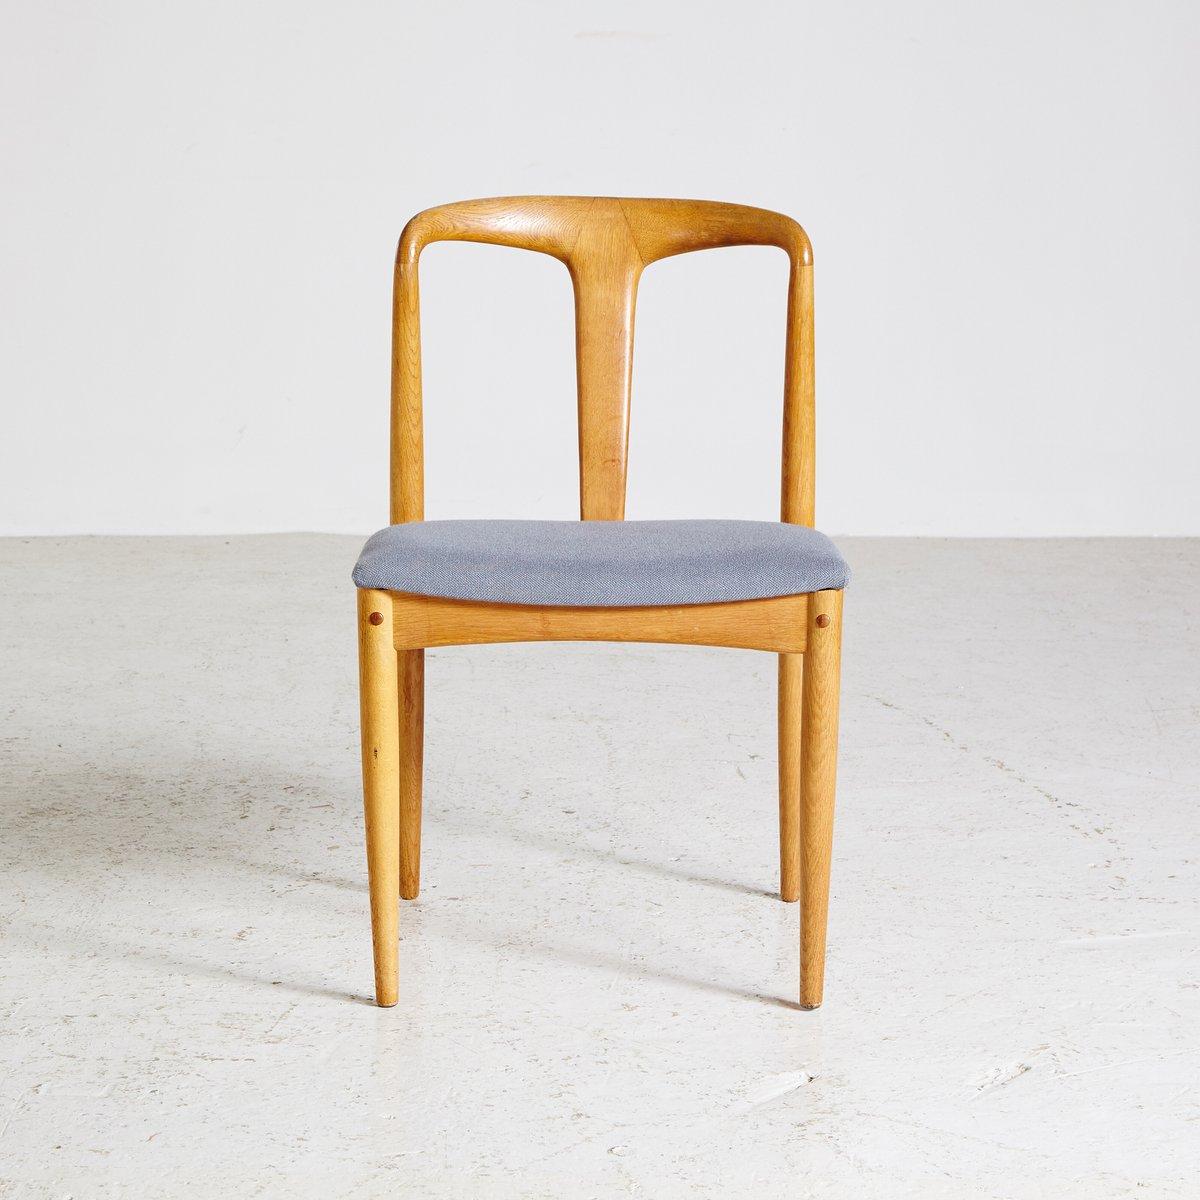 Juliane Dining Chair By Johannes Andersen For Uldum Møbelfabrik 1960s